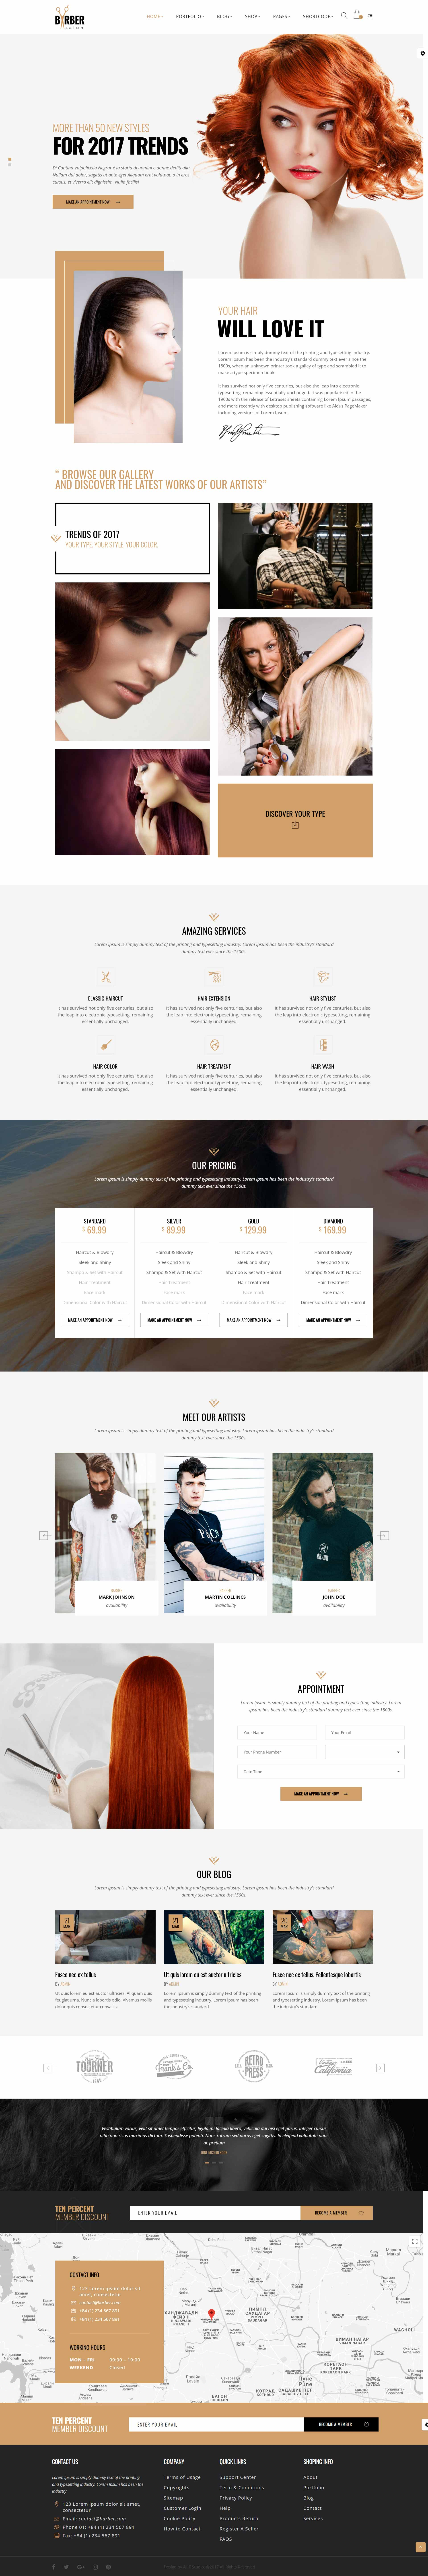 создание сайтов салонов красоты